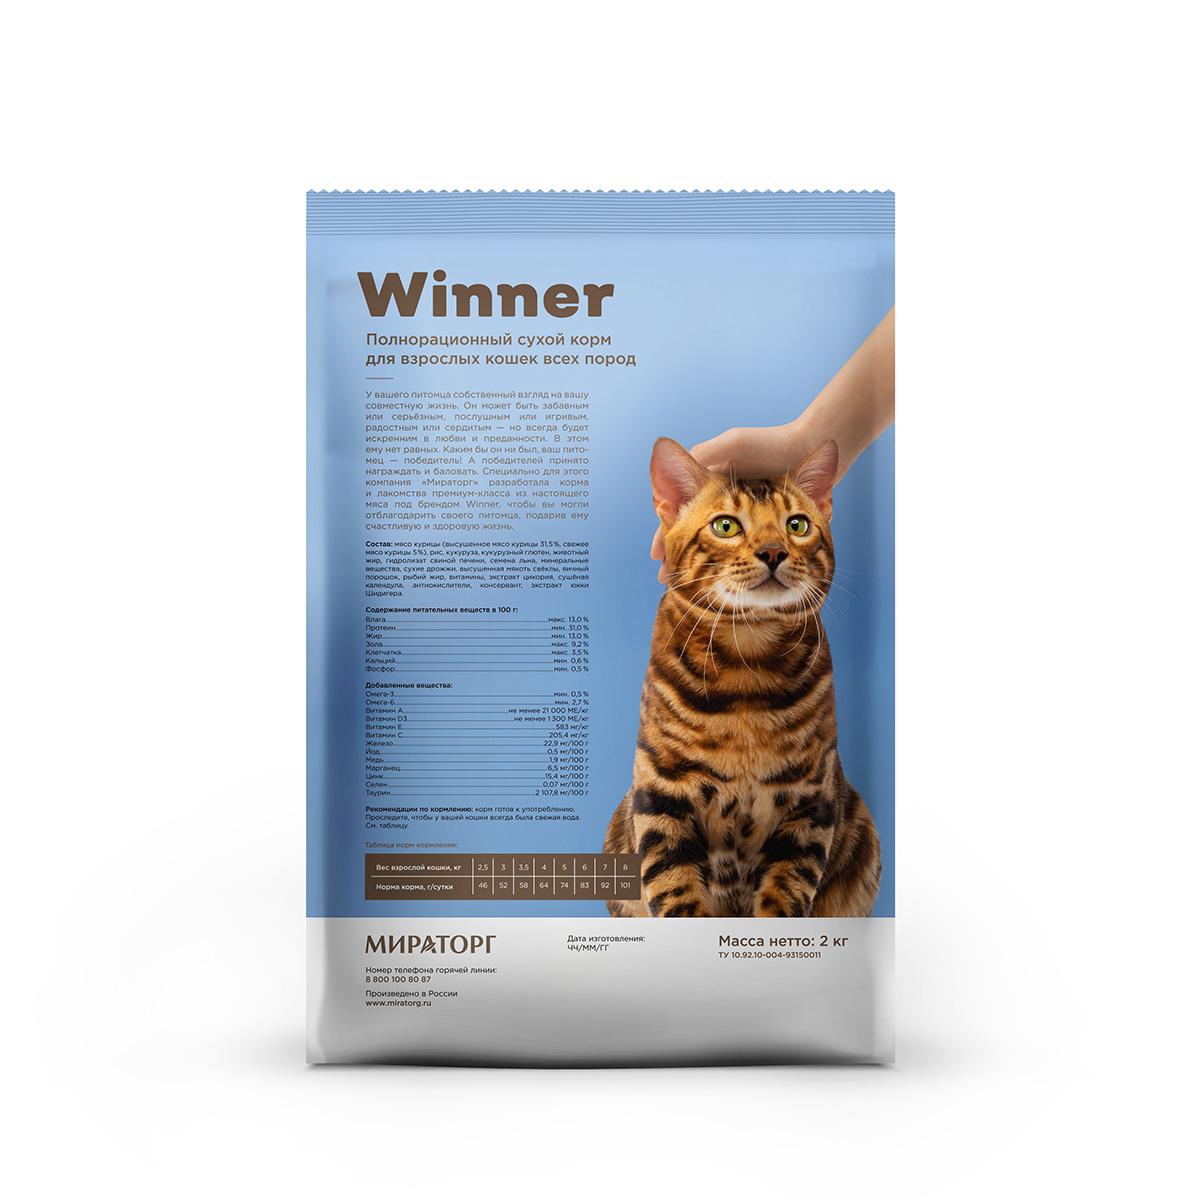 Winner - полнорационный сухой корм для взрослых кошек всех пород из курицы 2 кг